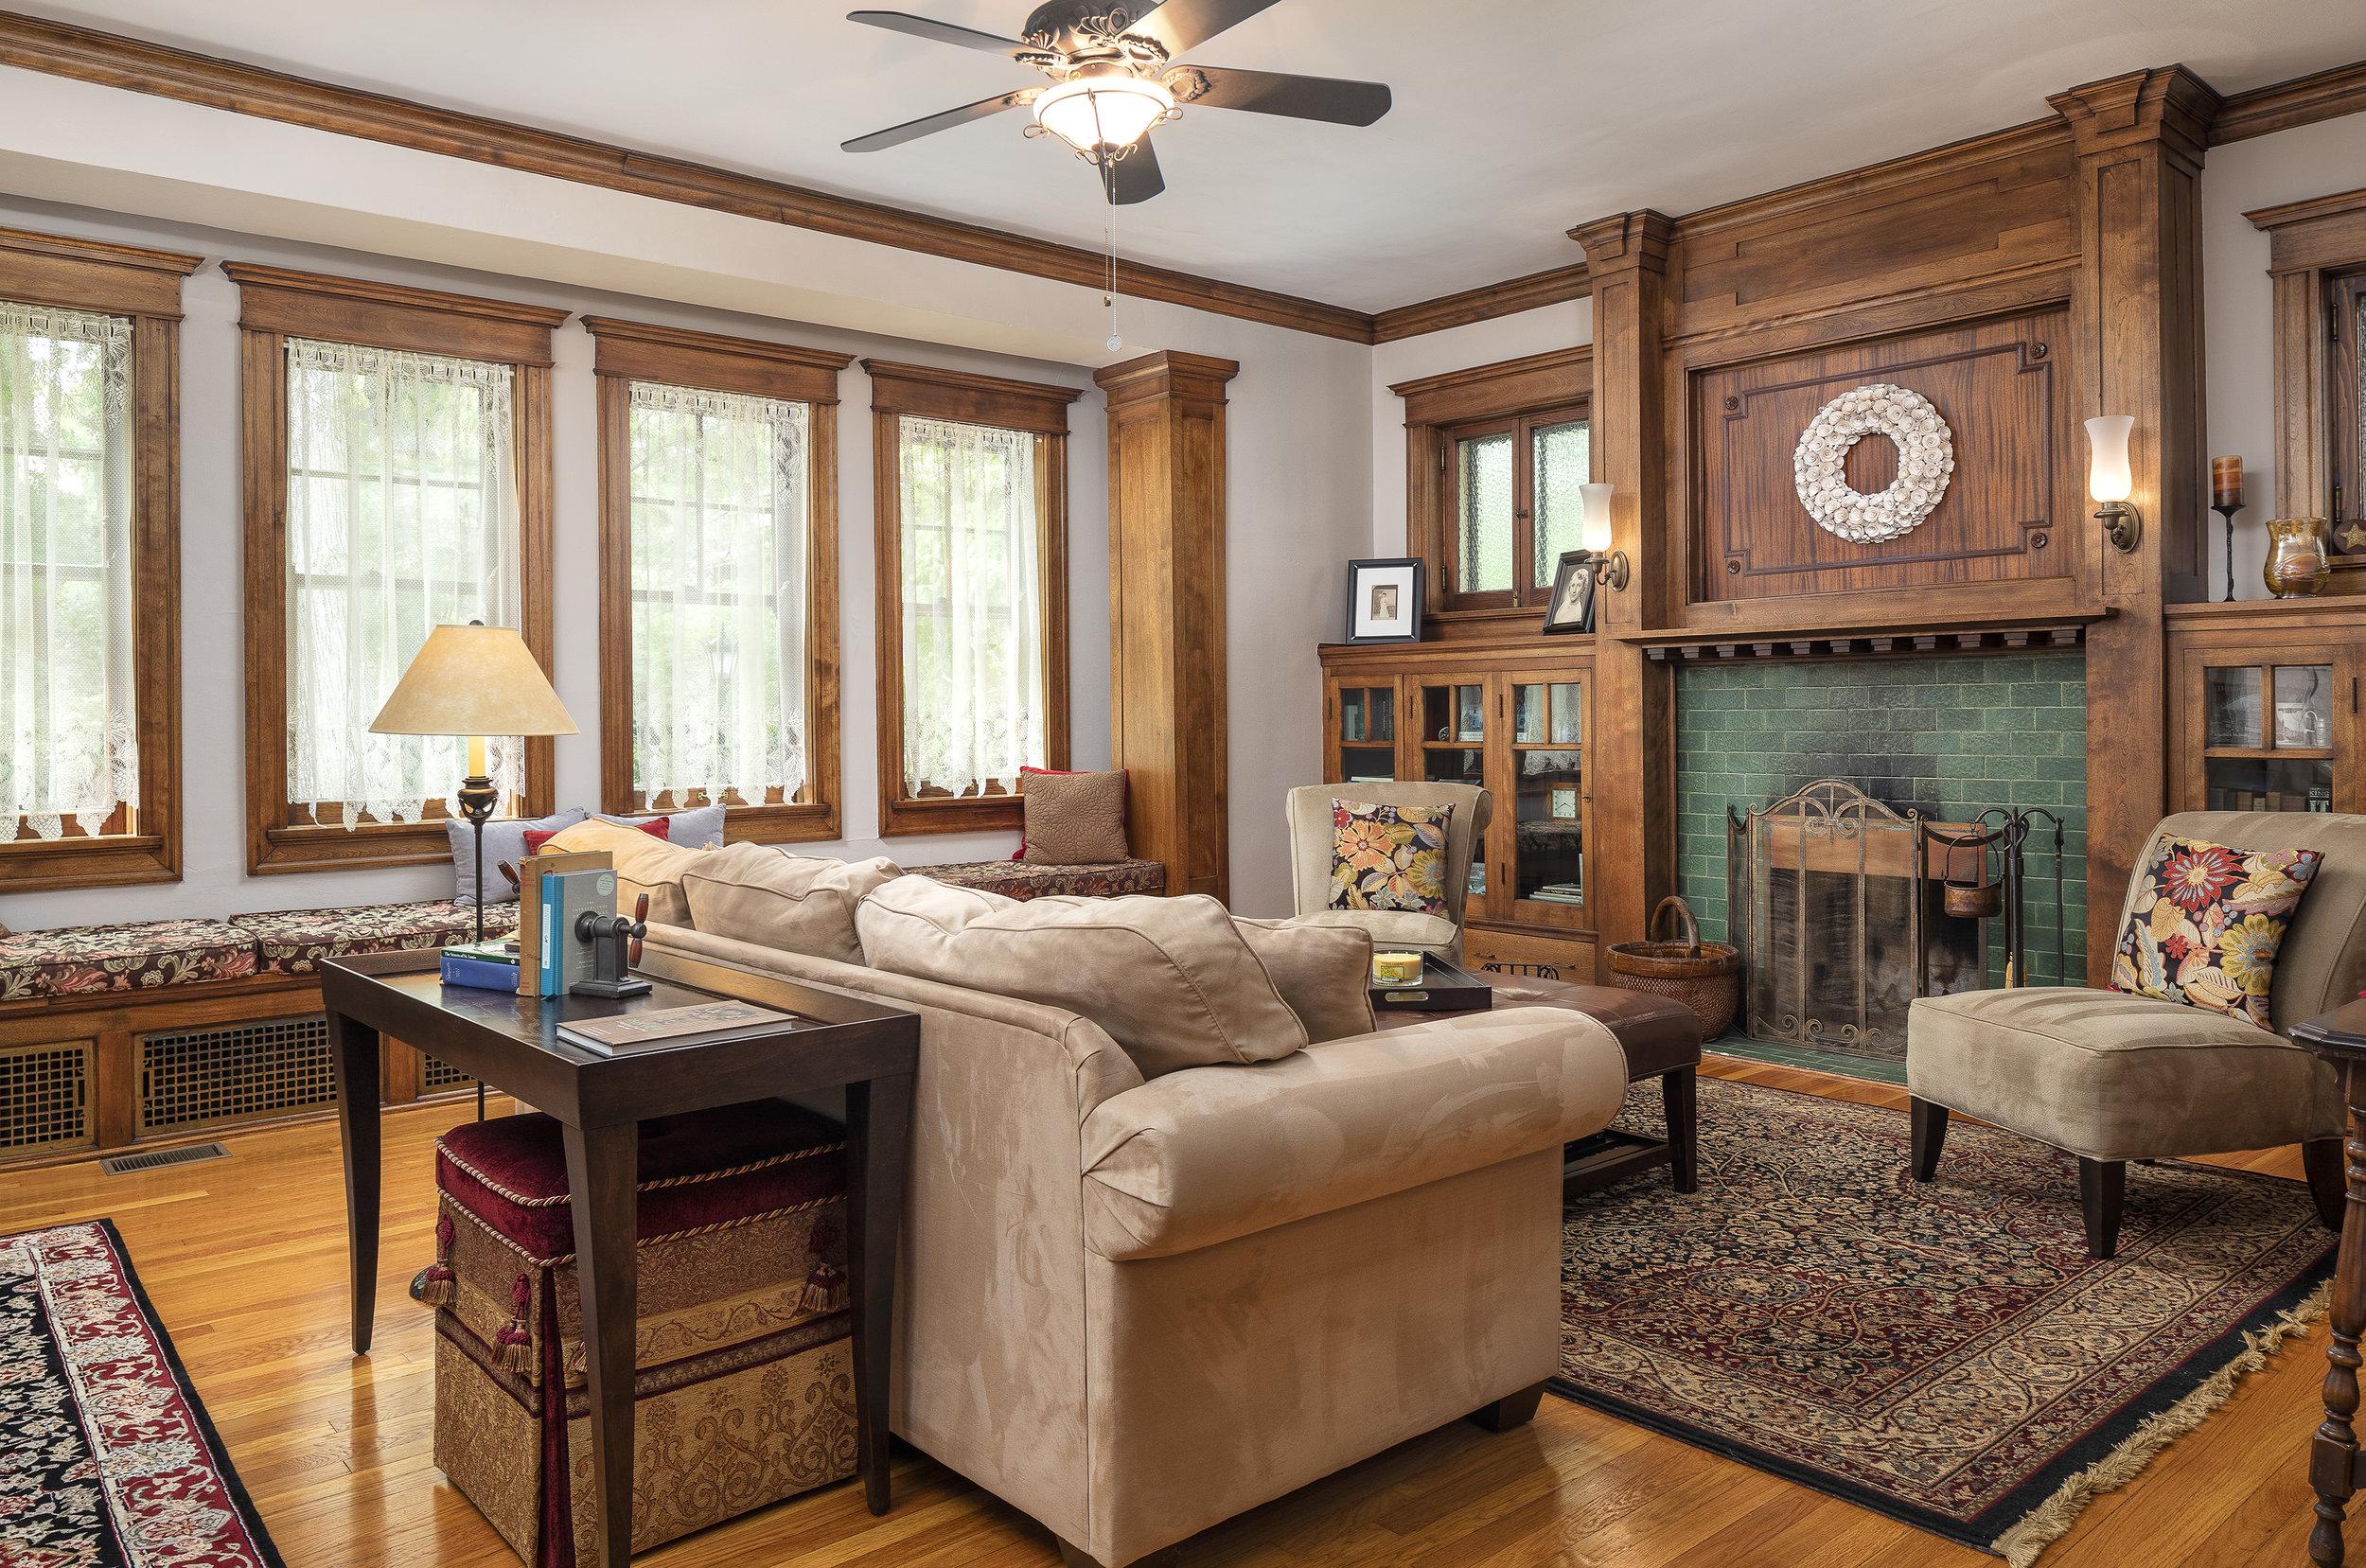 living-room-fireplace-6311-waterman-avenue-63130.jpg